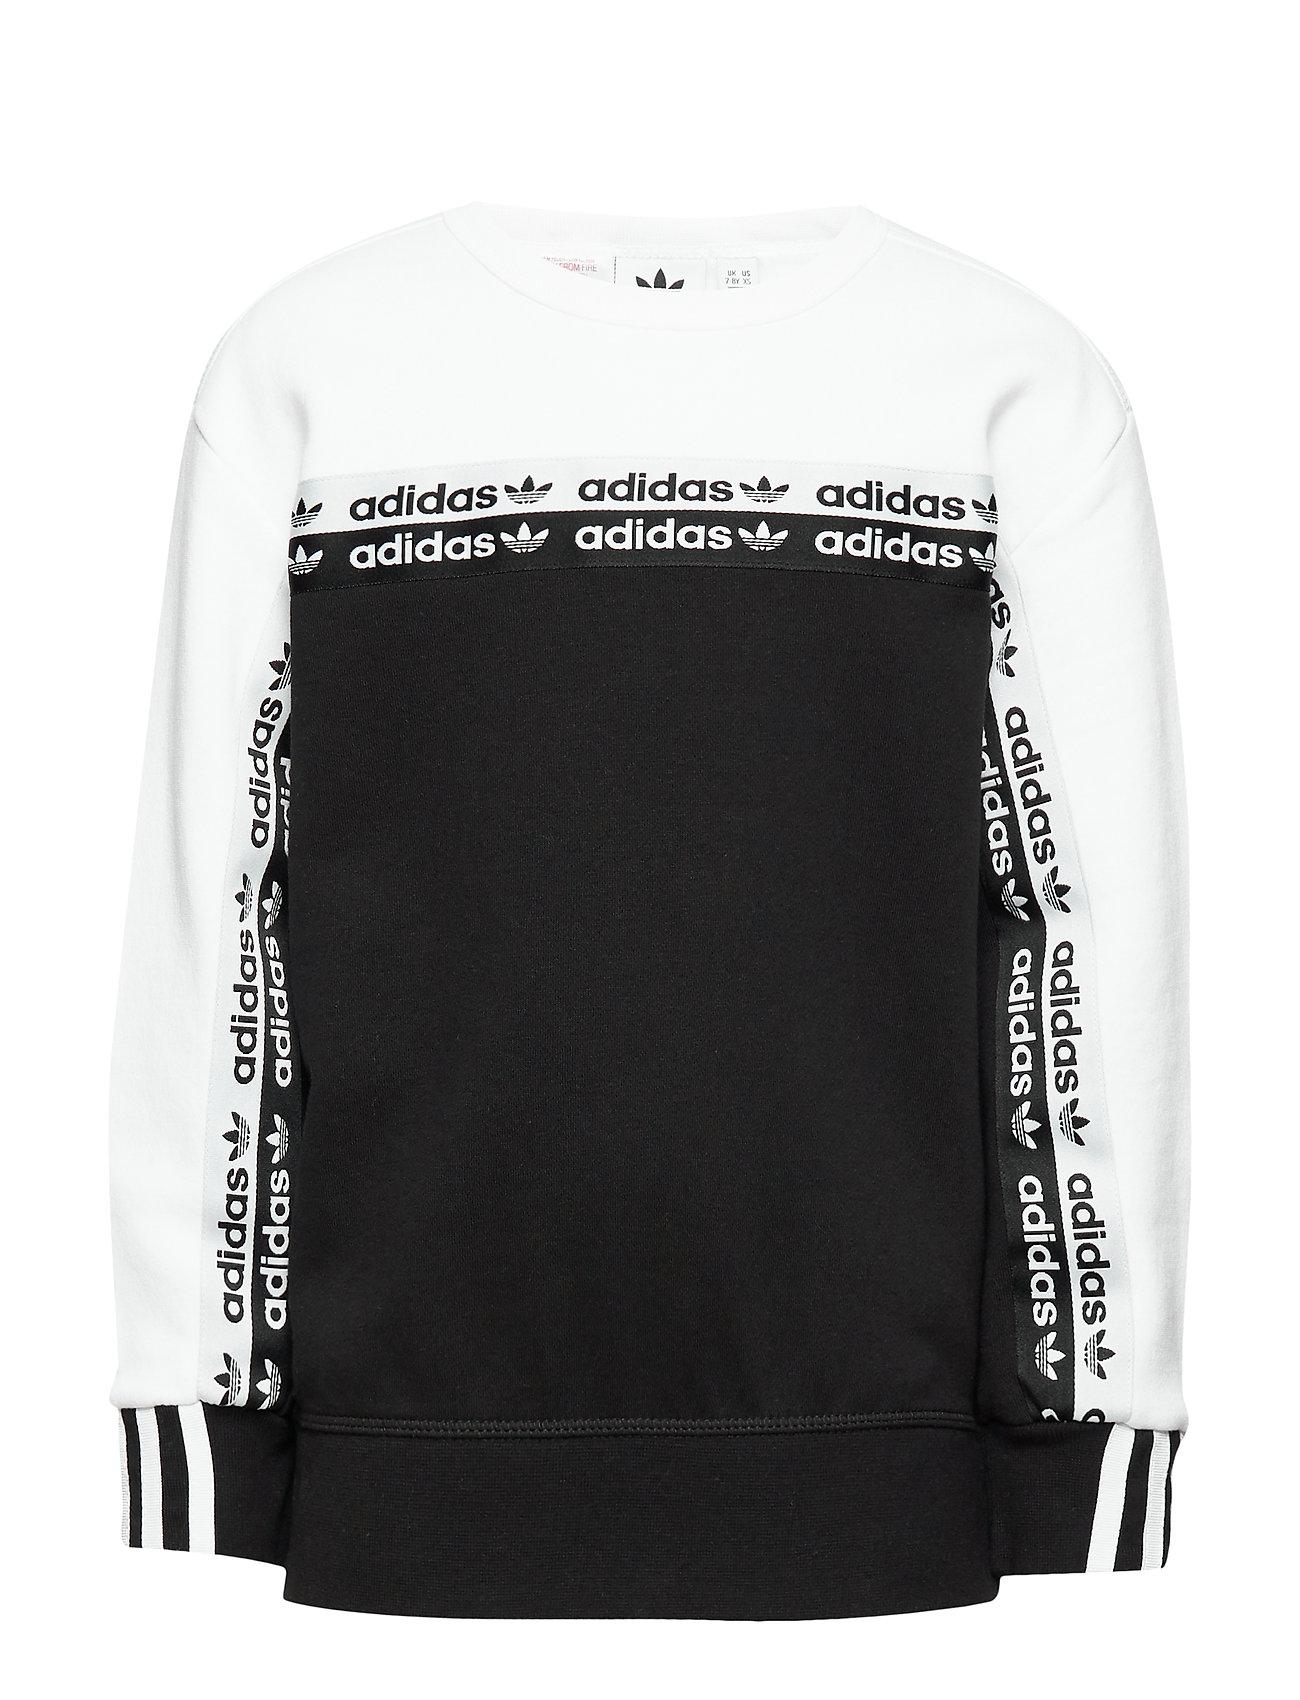 adidas Originals CREW - BLACK/WHITE